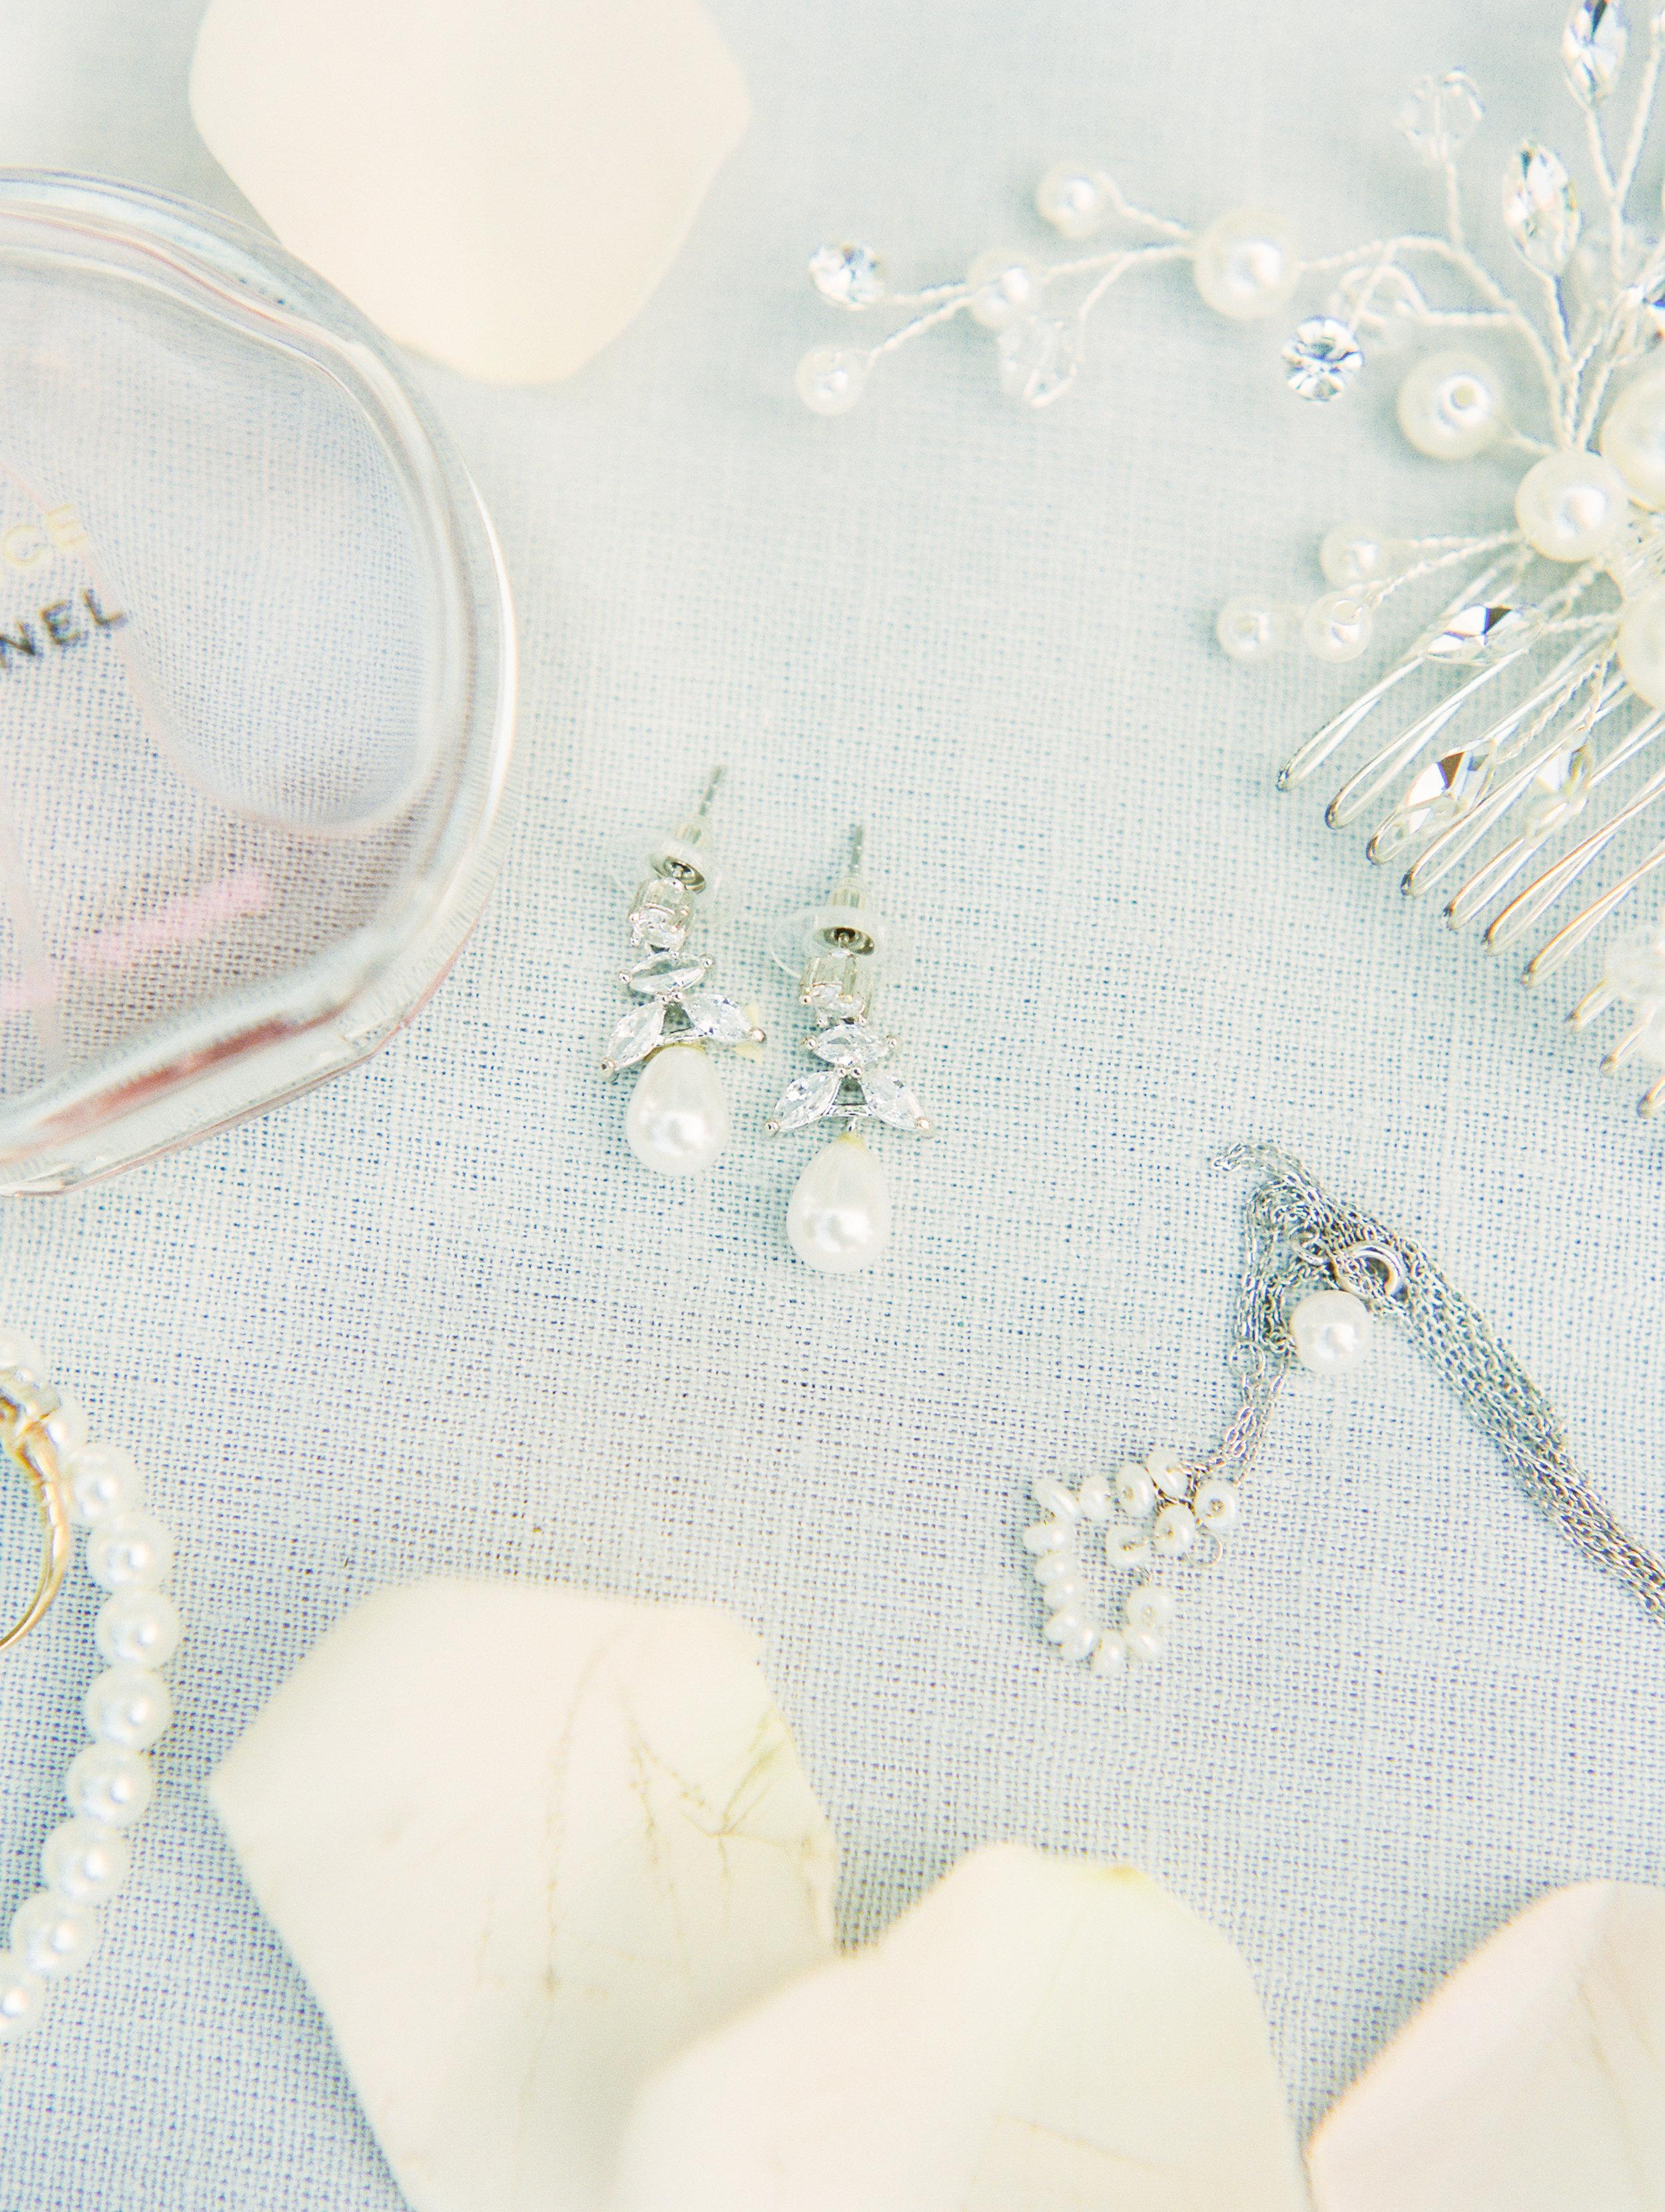 Cupp+Wedding+Detailsf-10.jpg